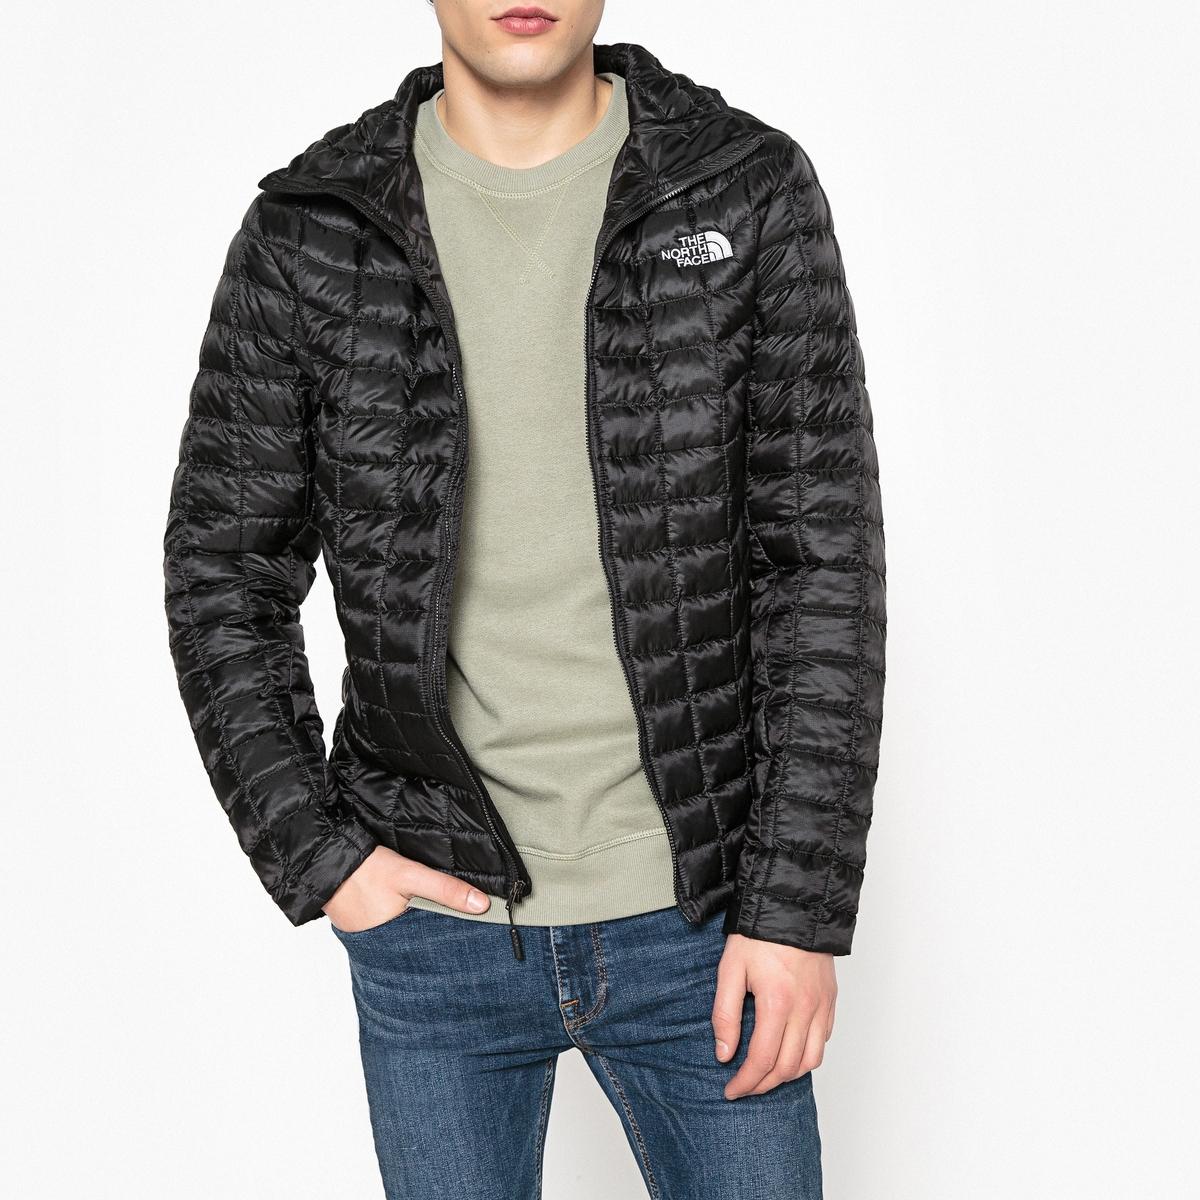 Куртка с капюшоном ThermoballДетали •  Длина : укороченная модель •  Капюшон  •  Застежка на молнию •  С капюшономСостав и уход •  100% полиамид •  Следуйте советам по уходу, указанным на этикетке<br><br>Цвет: черный<br>Размер: XL.M.L